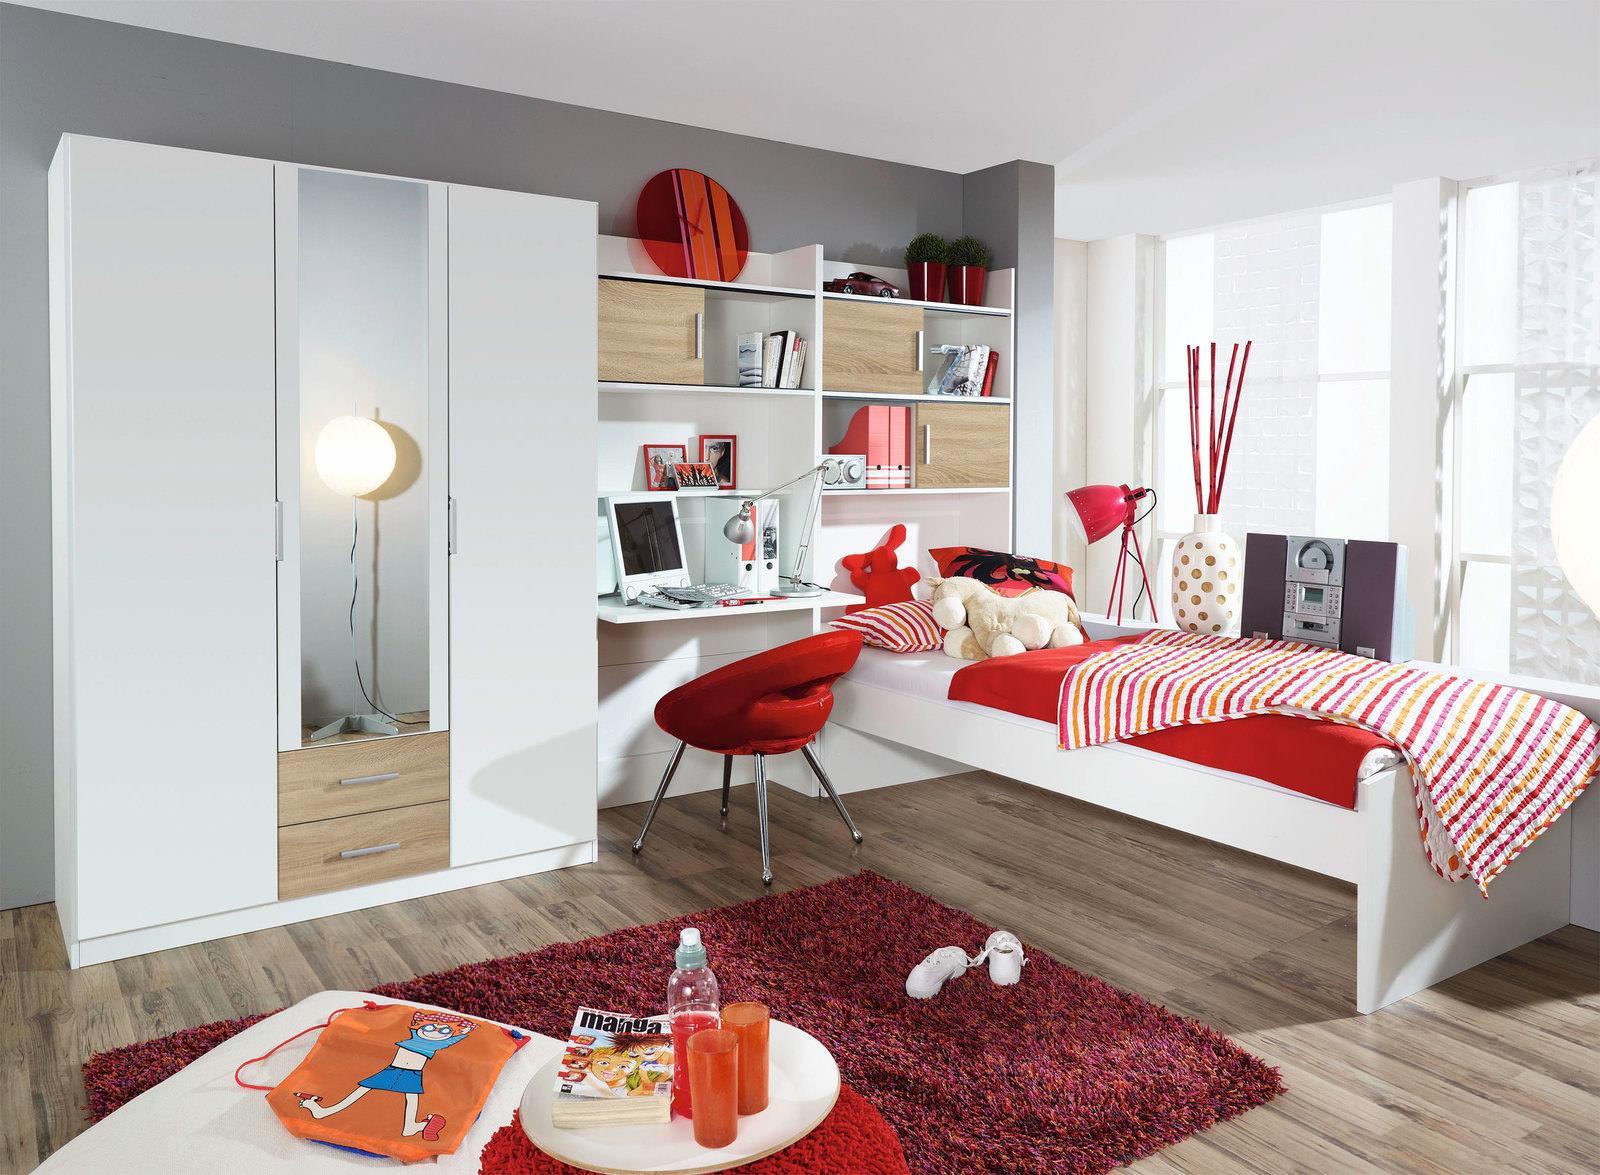 jugendzimmer online entdecken | schaffrath - ihr möbelhaus